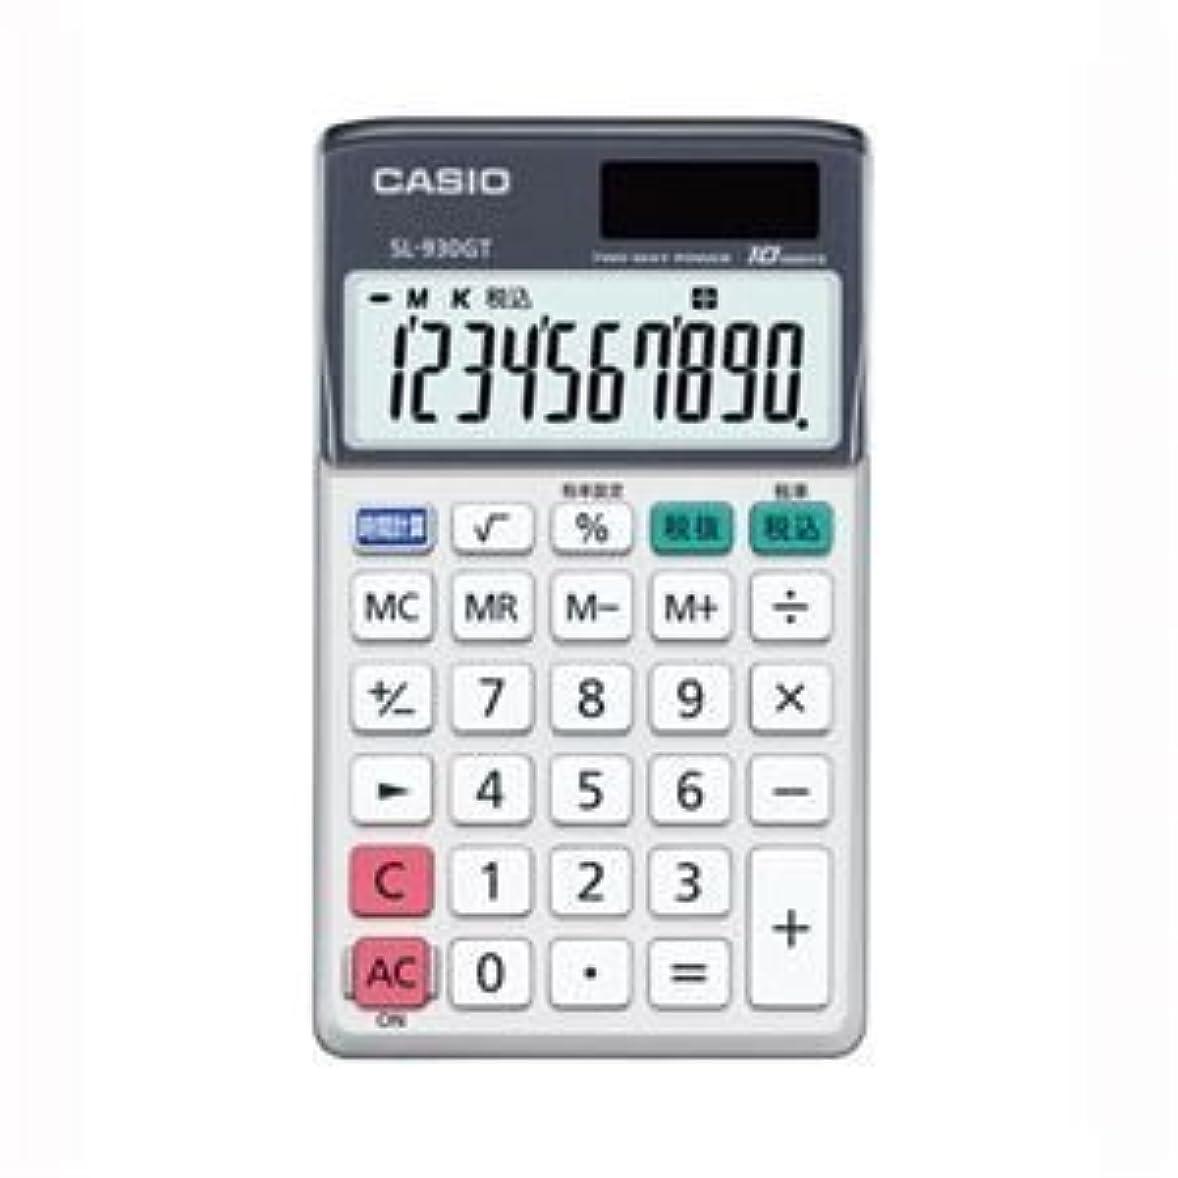 メアリアンジョーンズ触覚ティーム(業務用セット) カシオ 電卓 SL-930GT-N 1台入 【×2セット】 ds-1523475